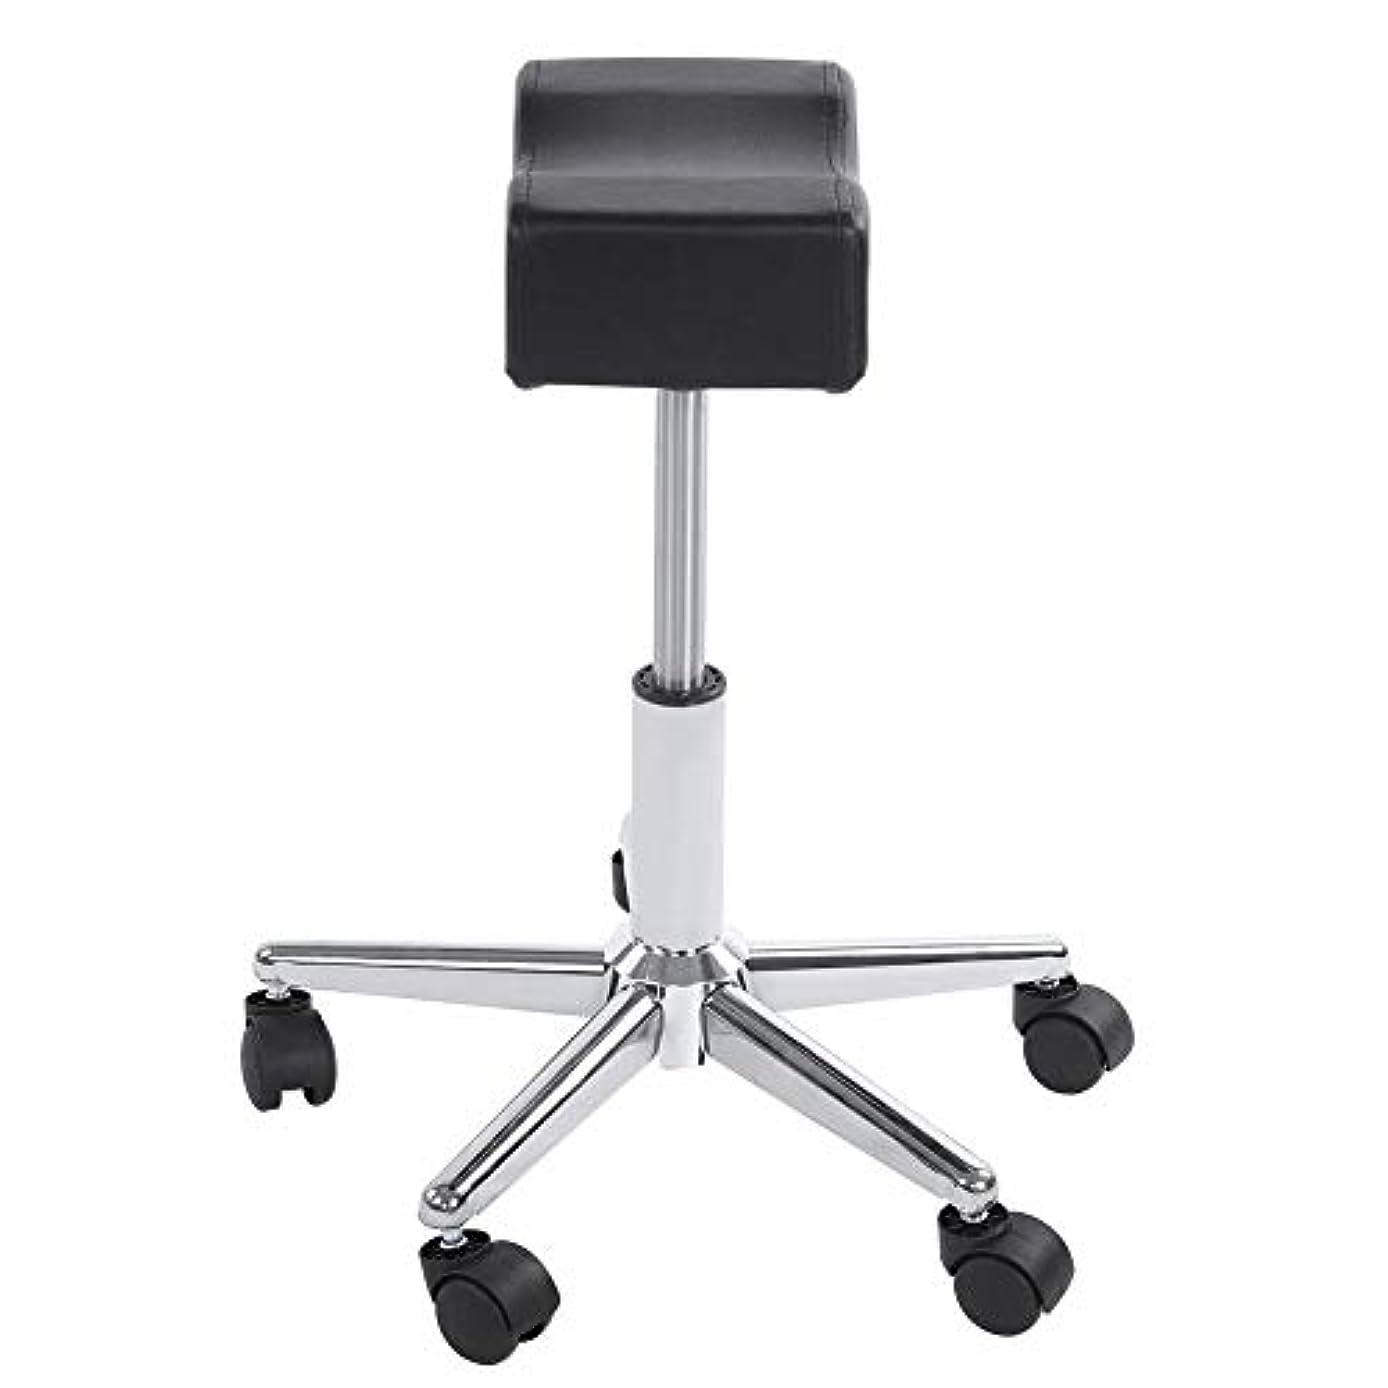 手配する年金クラッシュ調節可能な椅子、高さ調節可能なローリングチェアホーム用可動ホイール付きの快適なシートクッションスツール